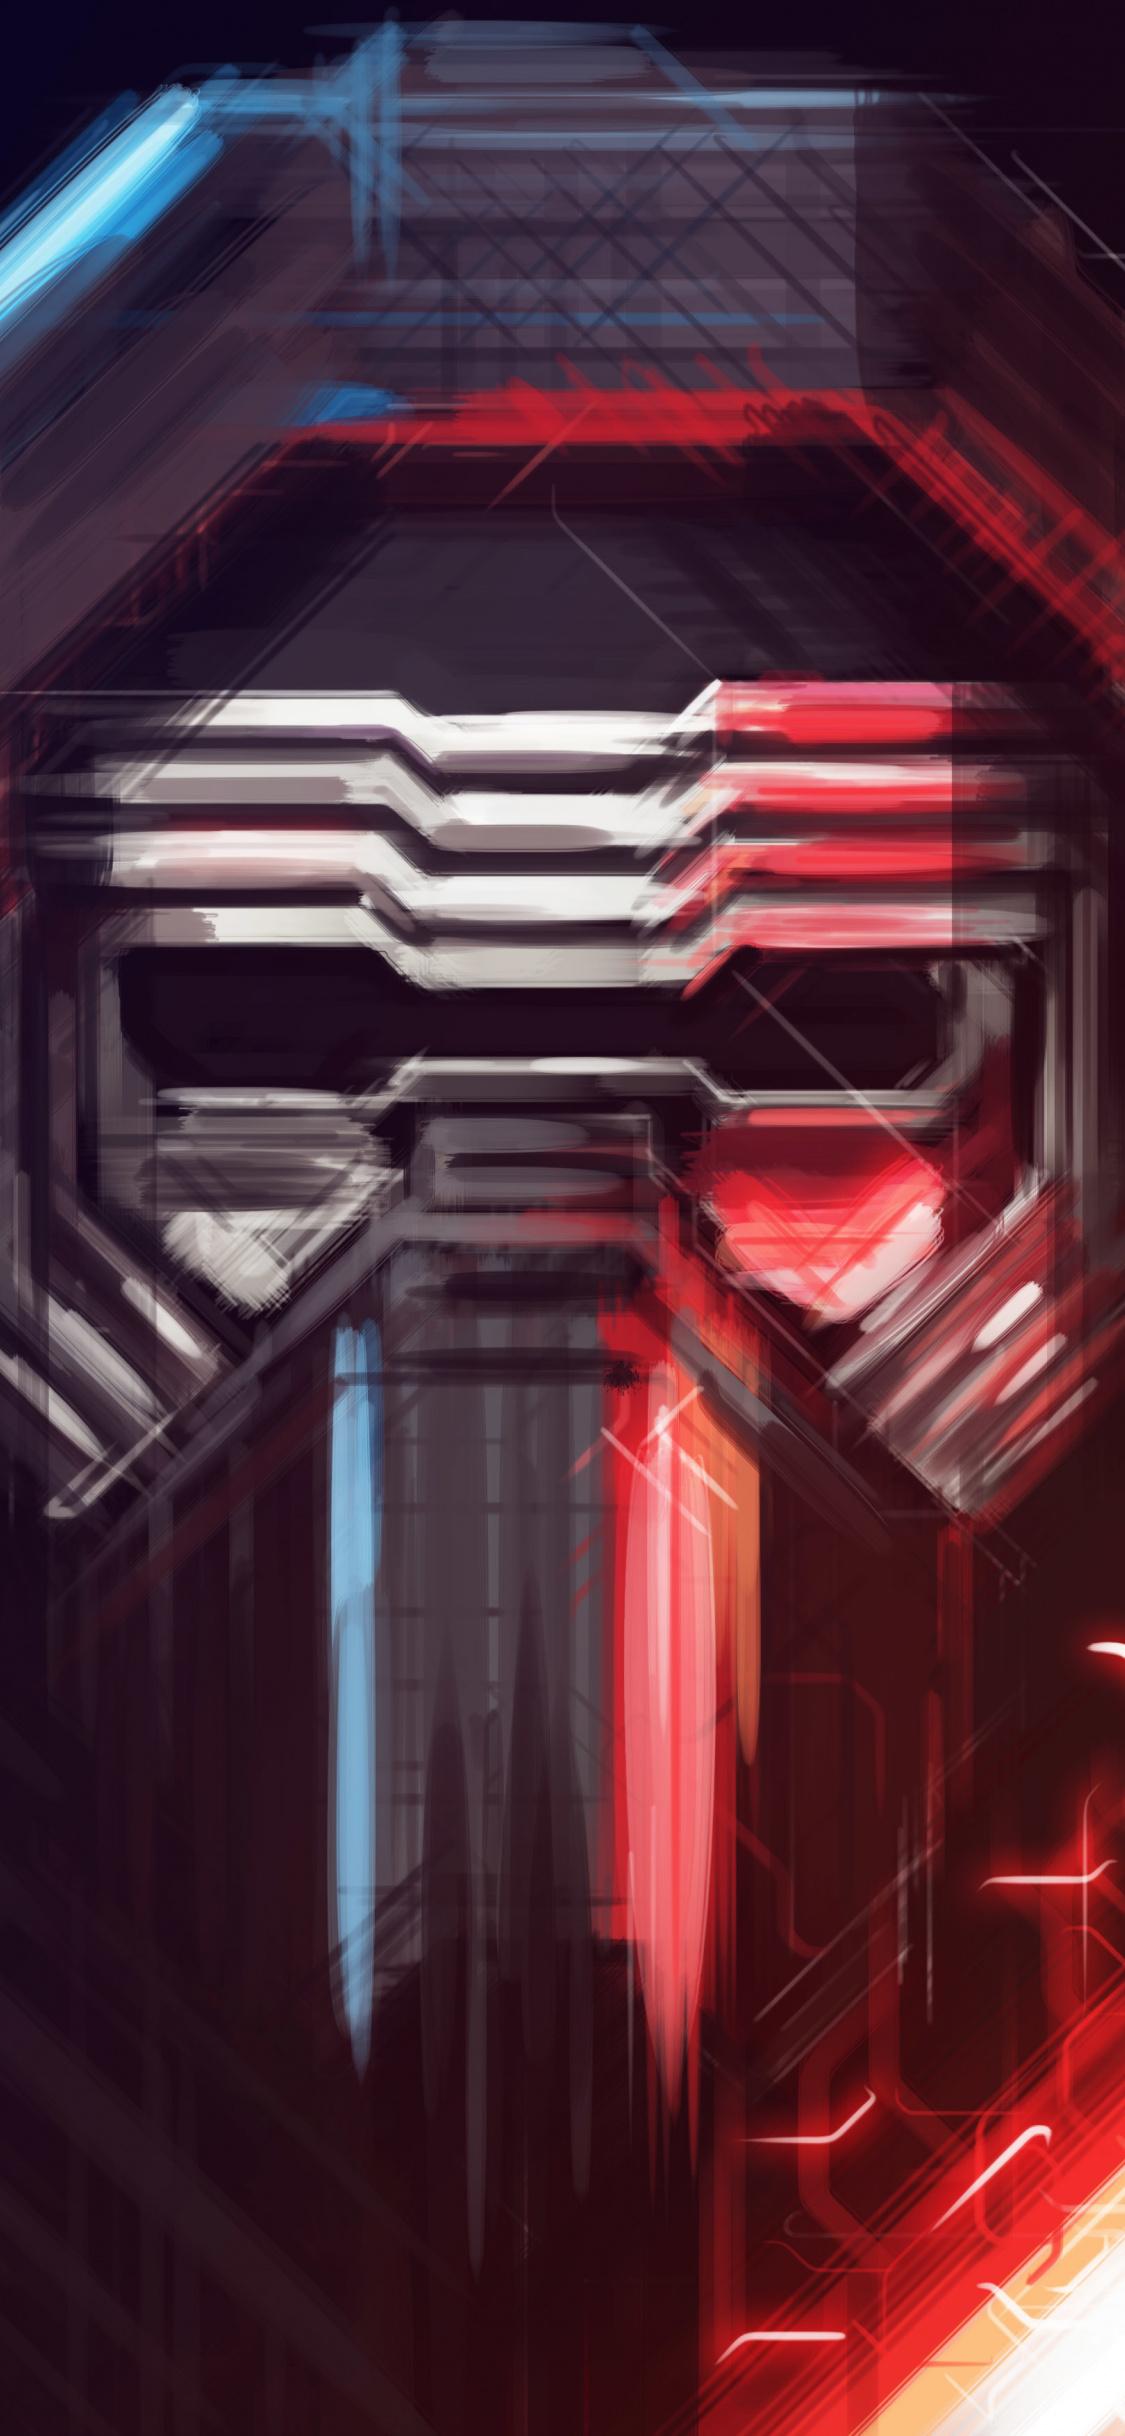 Kylo Ren Star Wars Villain Art Wallpaper Star Wars Iphone X Wallpaper Hd 1125x2436 Wallpaper Teahub Io